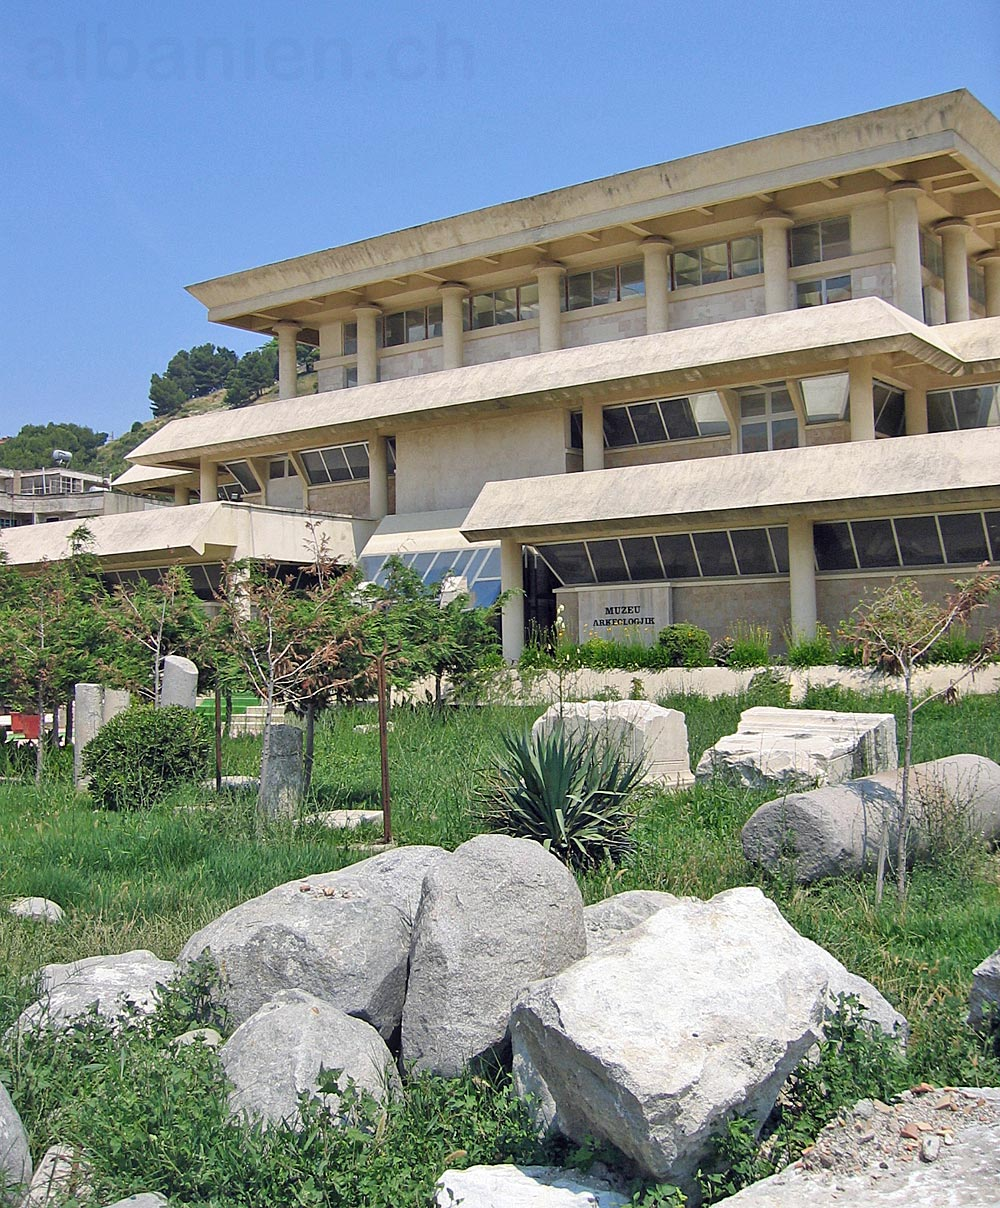 Durrës Museum